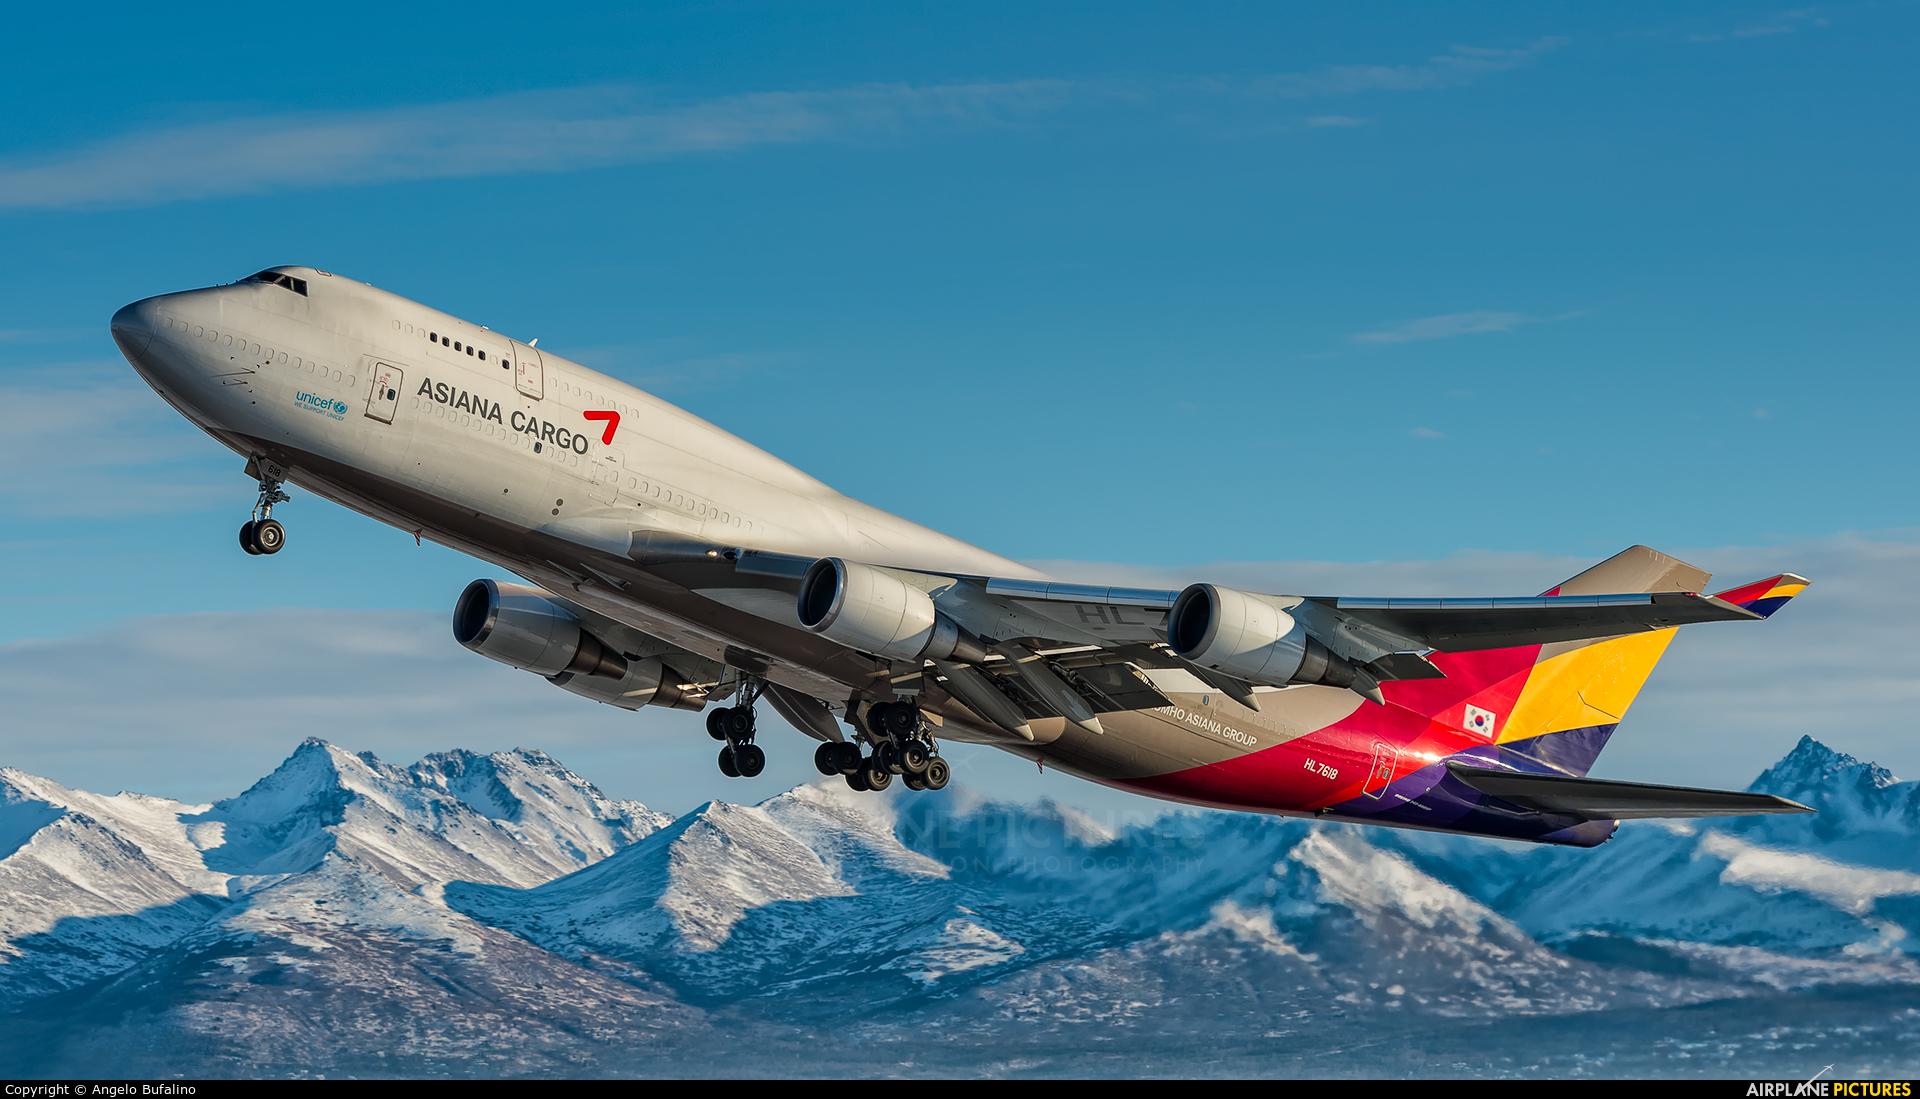 Asiana Cargo HL7618 aircraft at Anchorage - Ted Stevens Intl / Kulis Air National Guard Base